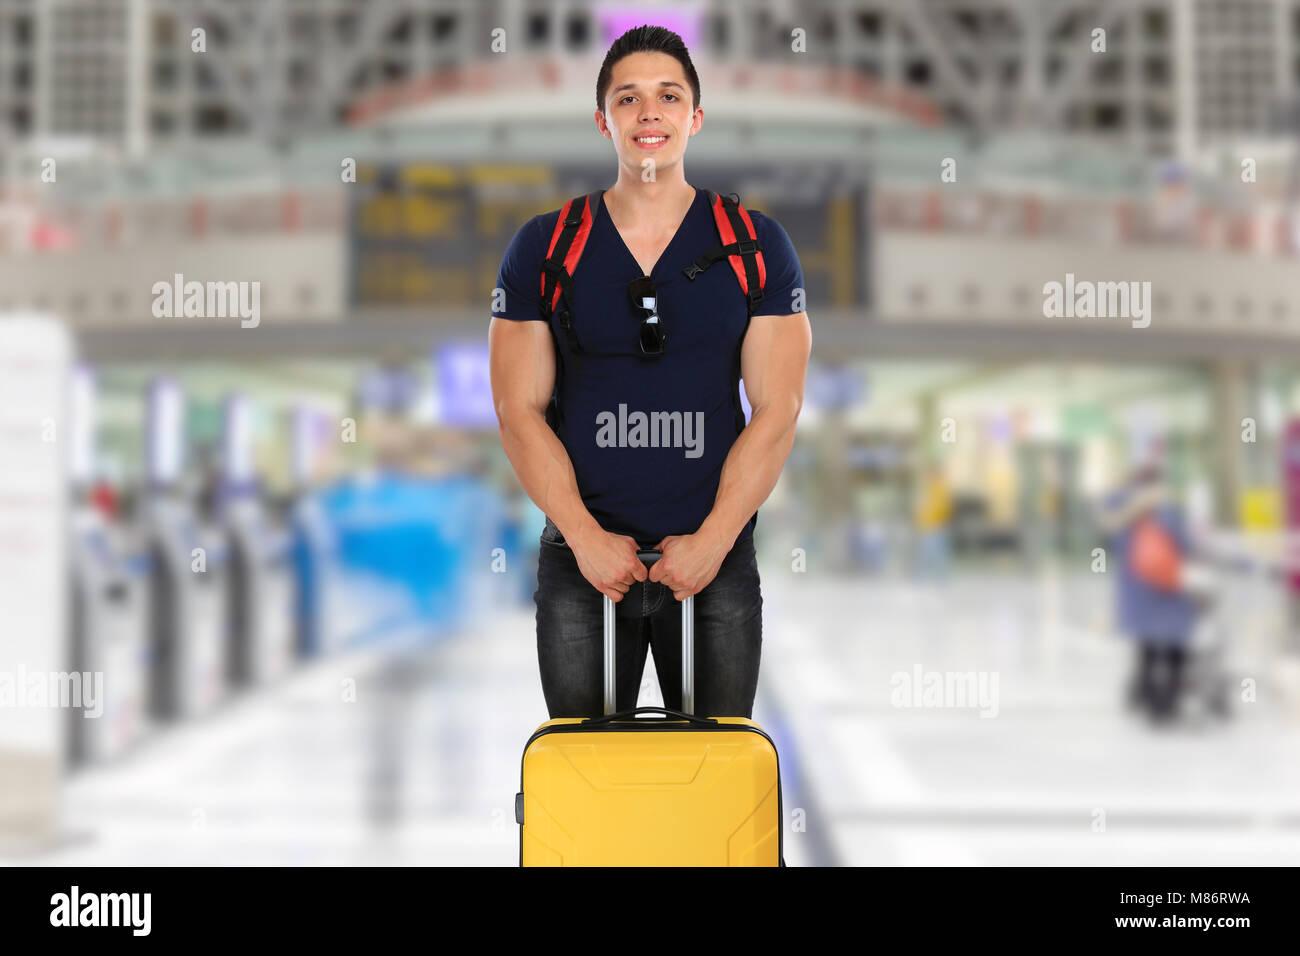 Urlaub Ferien junger Mann mit Gepäck airport travel Reisetasche Stockbild